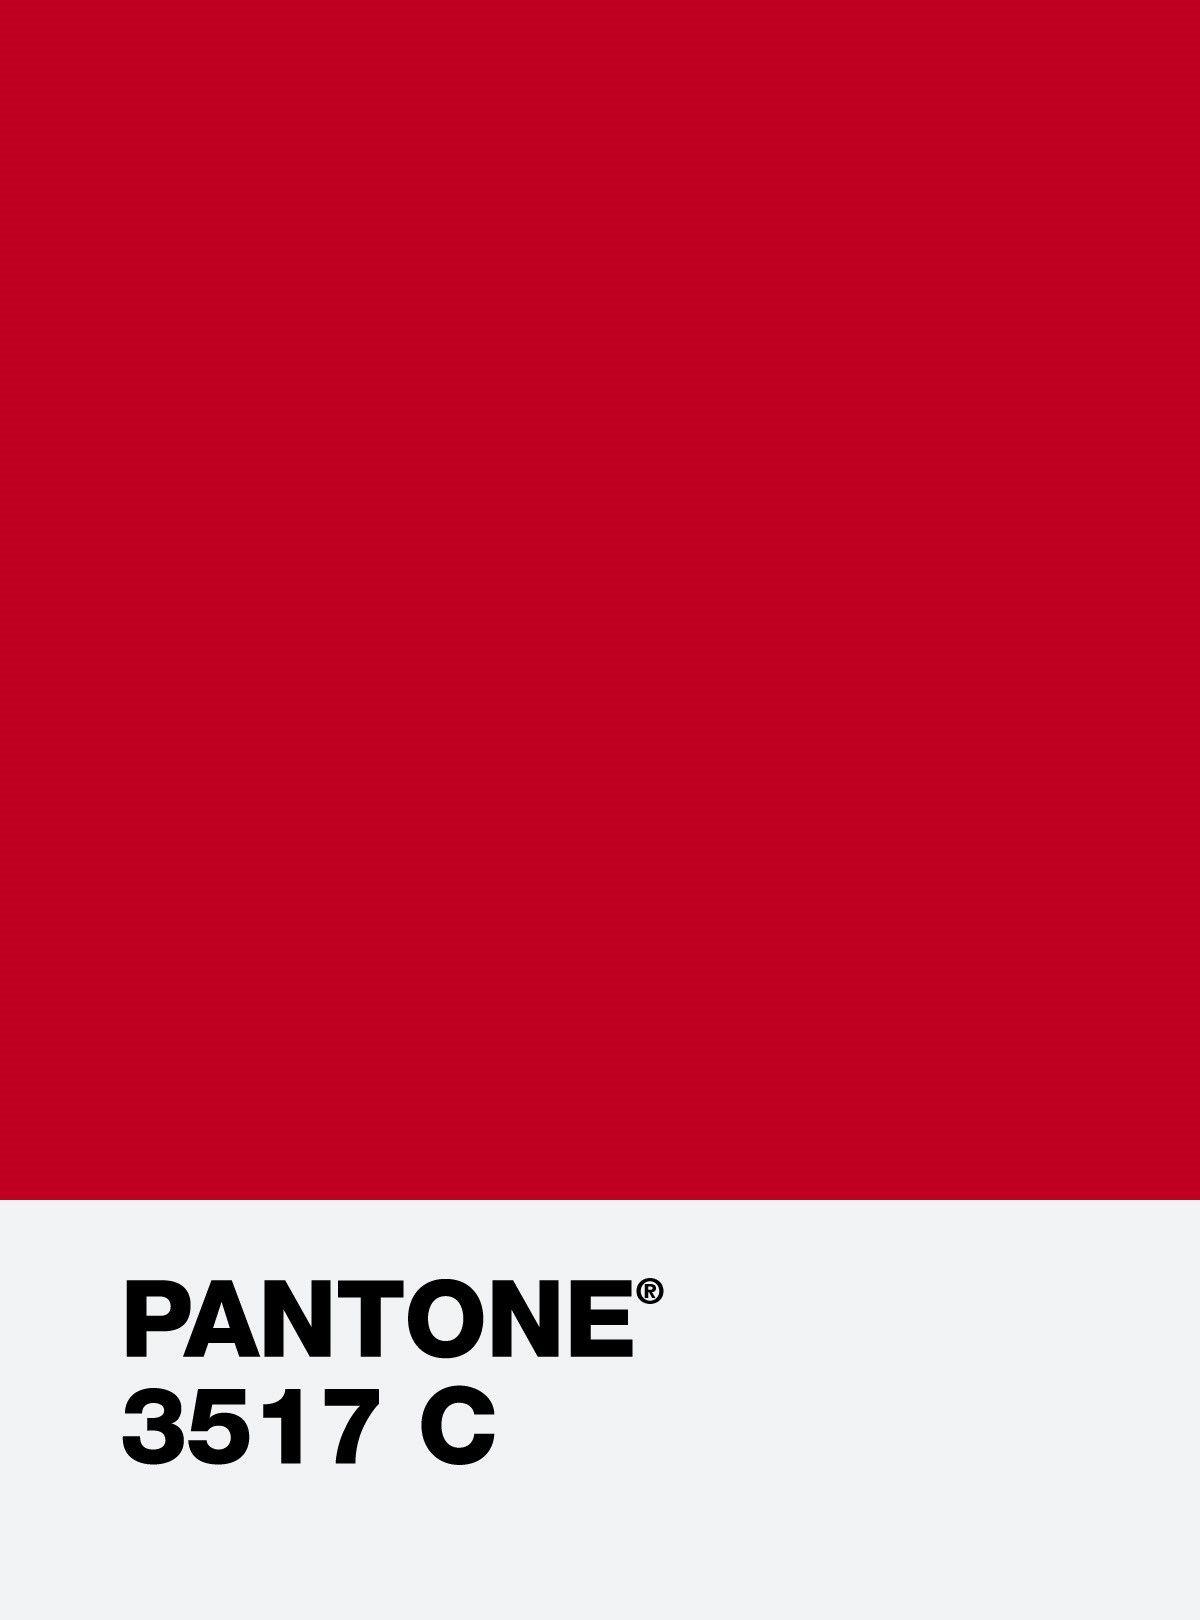 pantone 3517 c color texture pantone red pantone